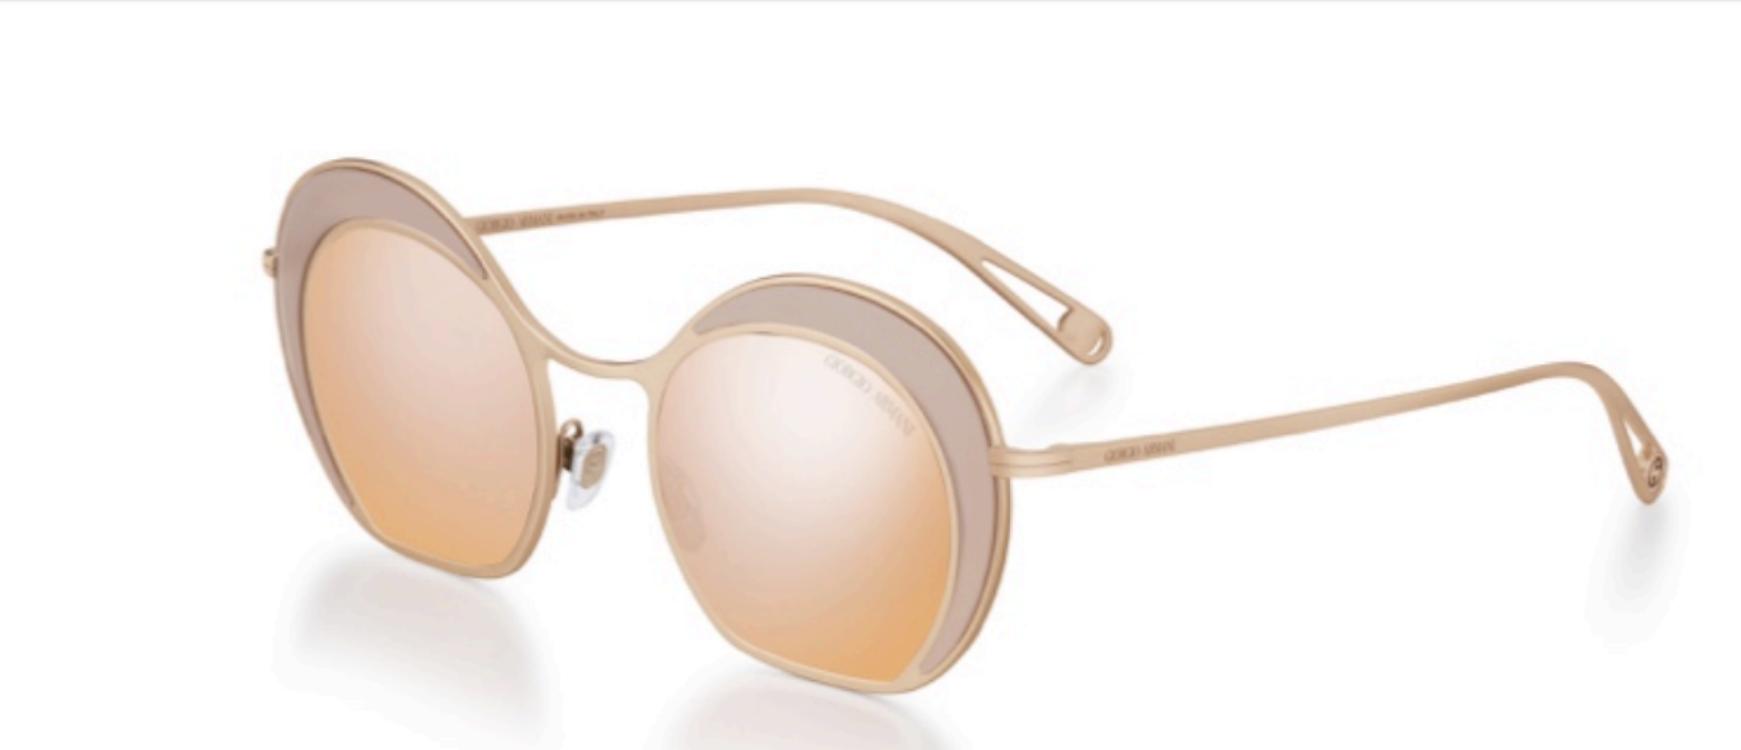 3cc809f3d57ff Originalidade e inovação estão presentes no design deste óculos feminino  super leve. A forma sinuosa é proporcionada pela leve irregularidade das  lentes ...